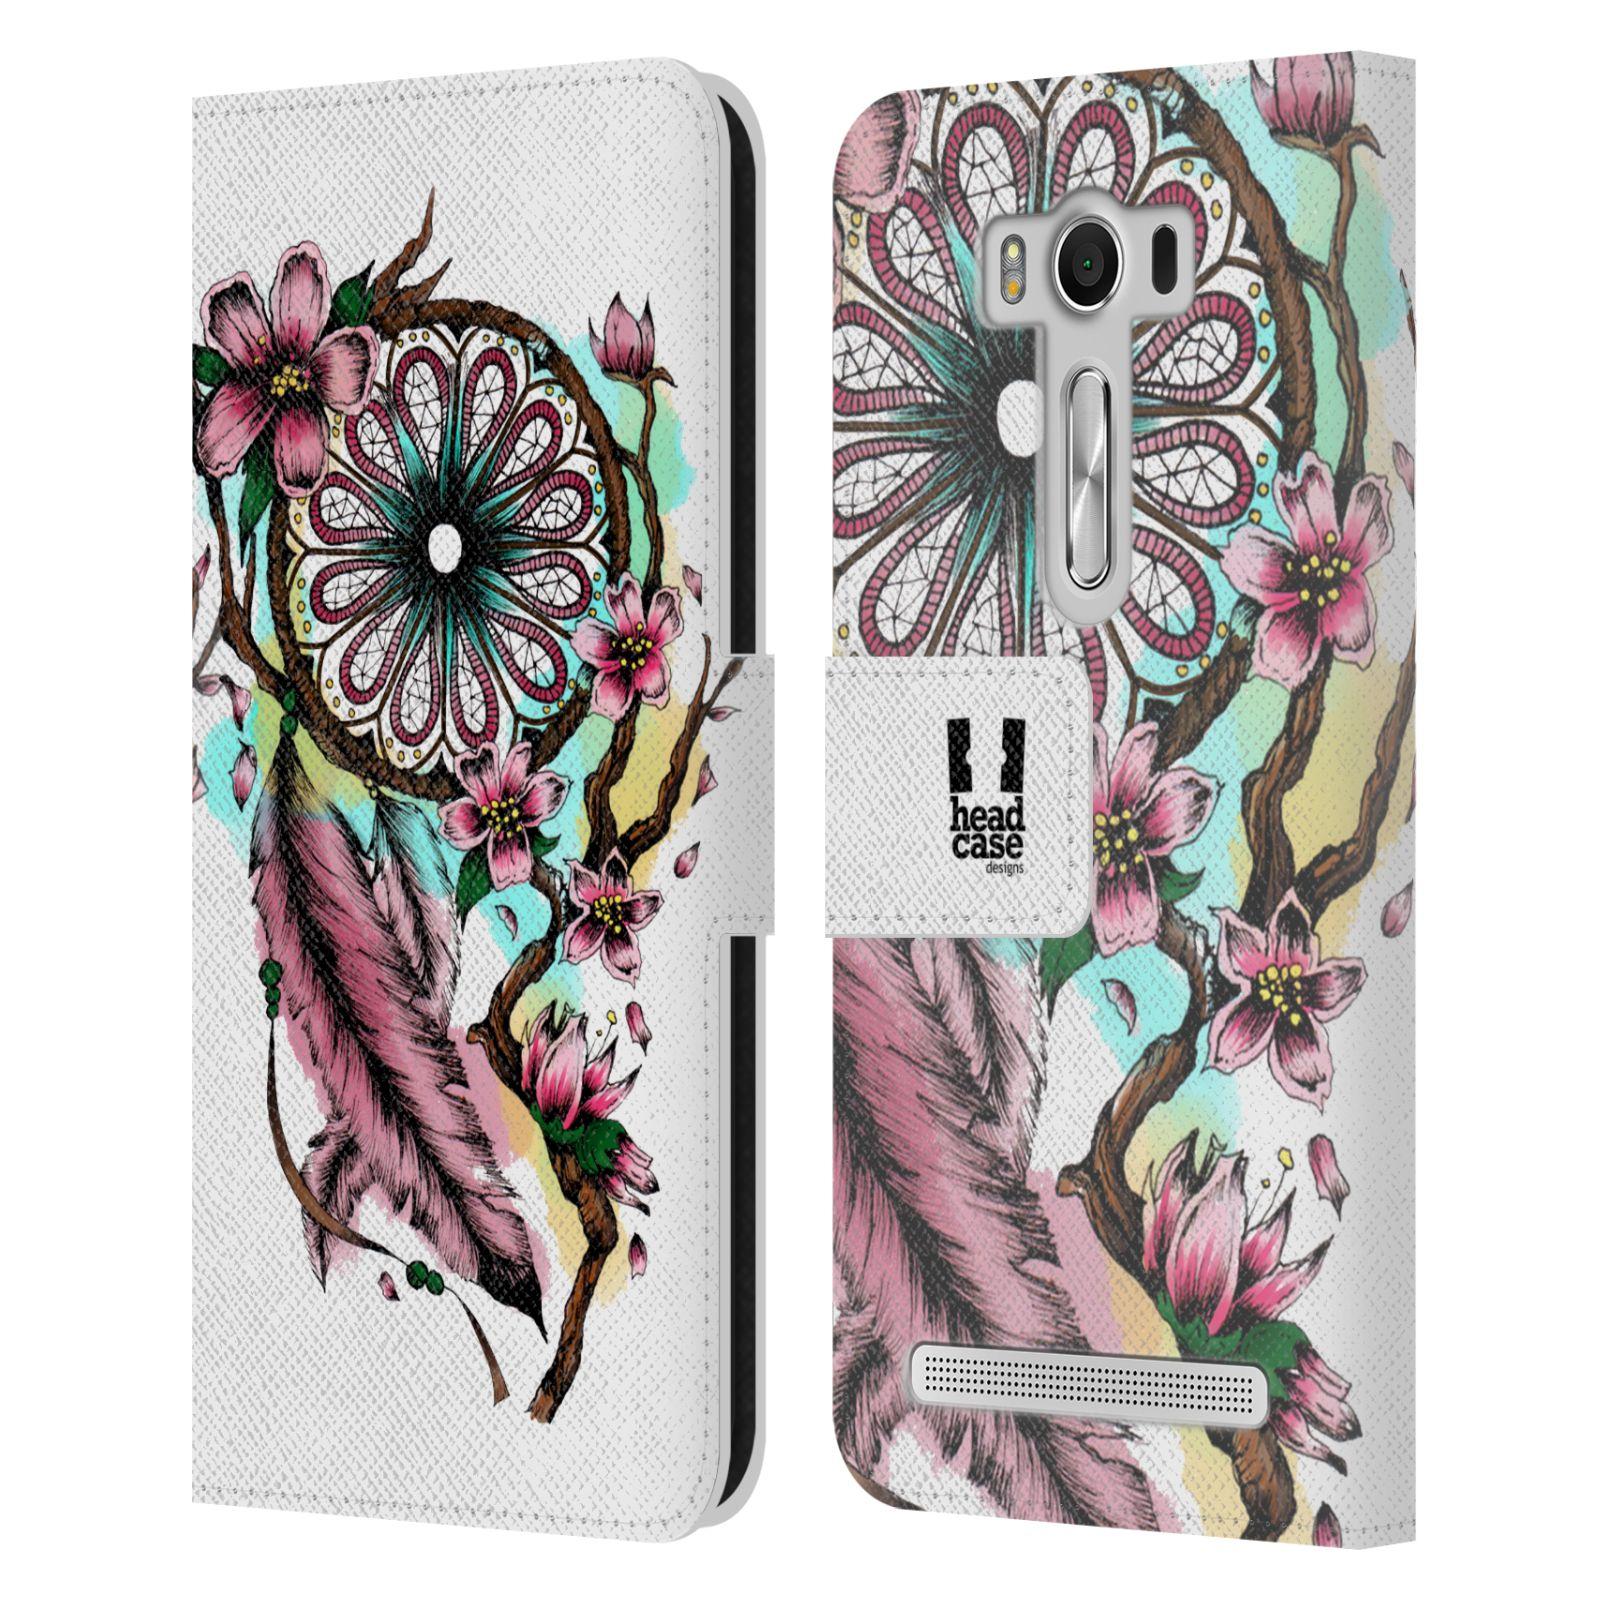 Pouzdro na mobil Asus Zenfone 2 Laser ZE500KL - Head Case - Lapač snů květy fialová